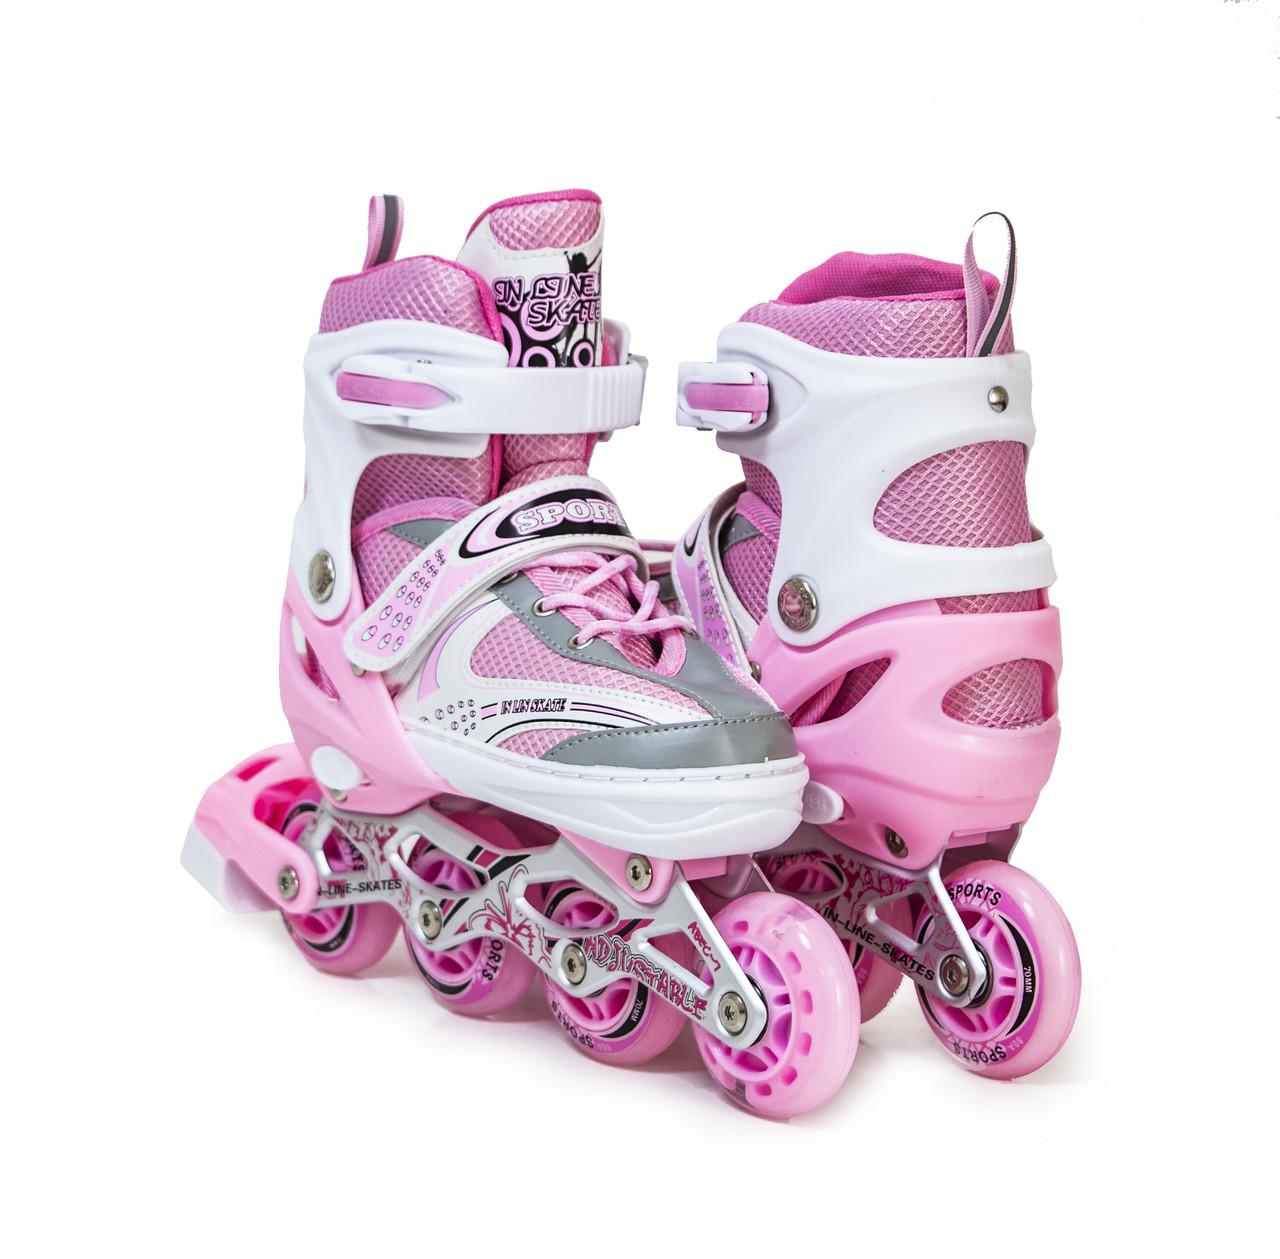 Детские ролики Happy, пастельно розовый цвет, размер 29-33